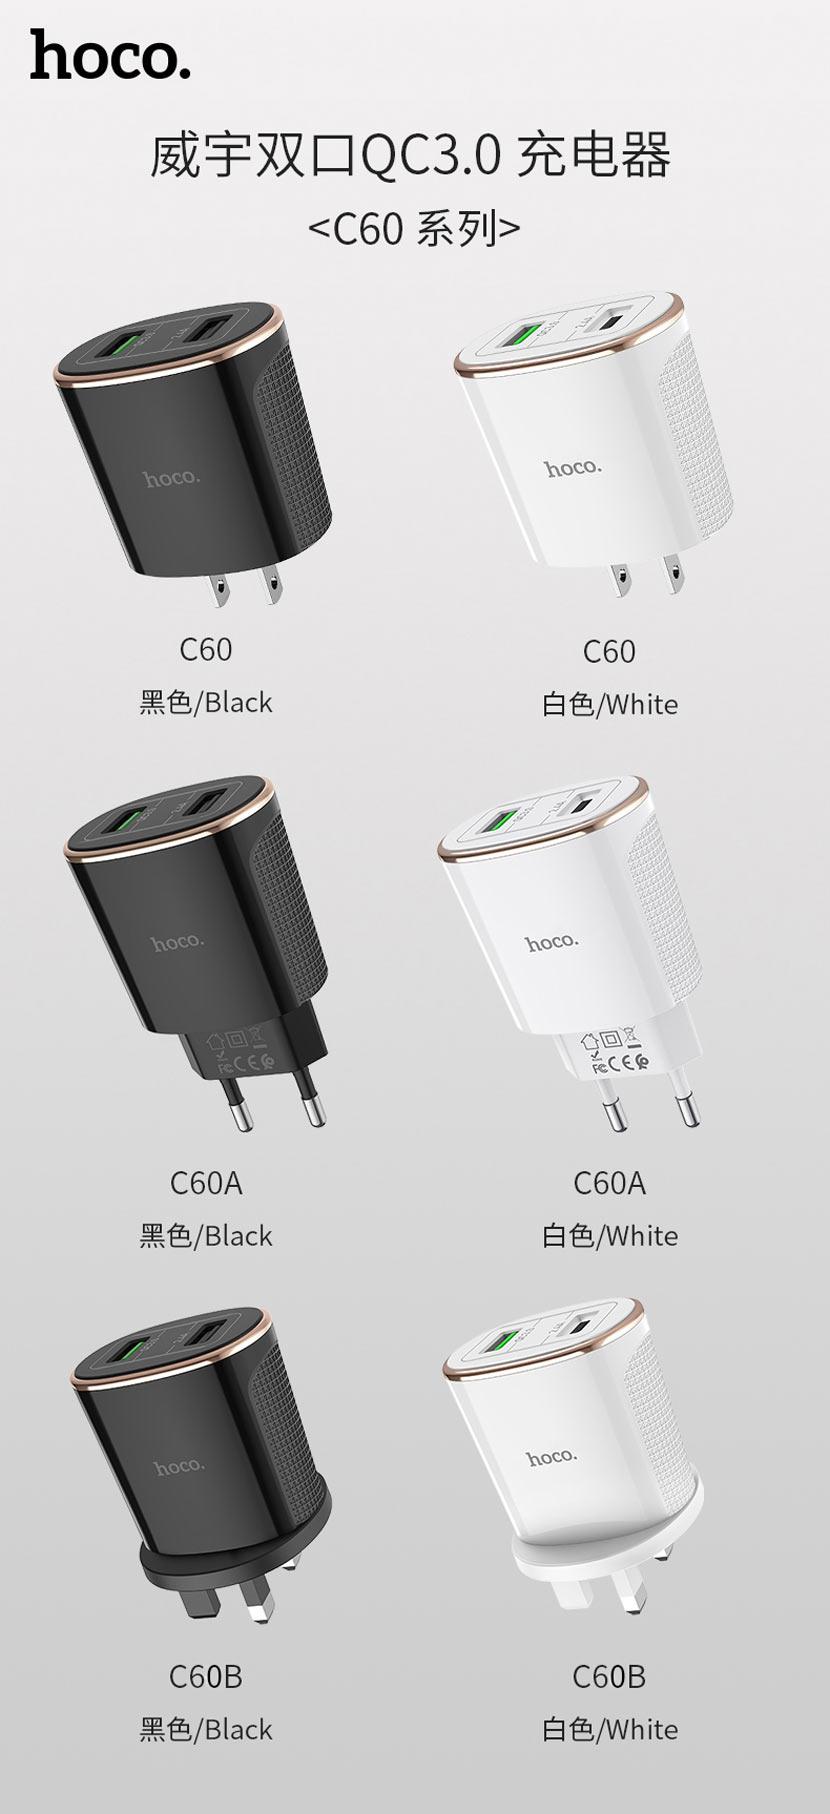 hoco news c60 prestige dual port qc30 charger set cn